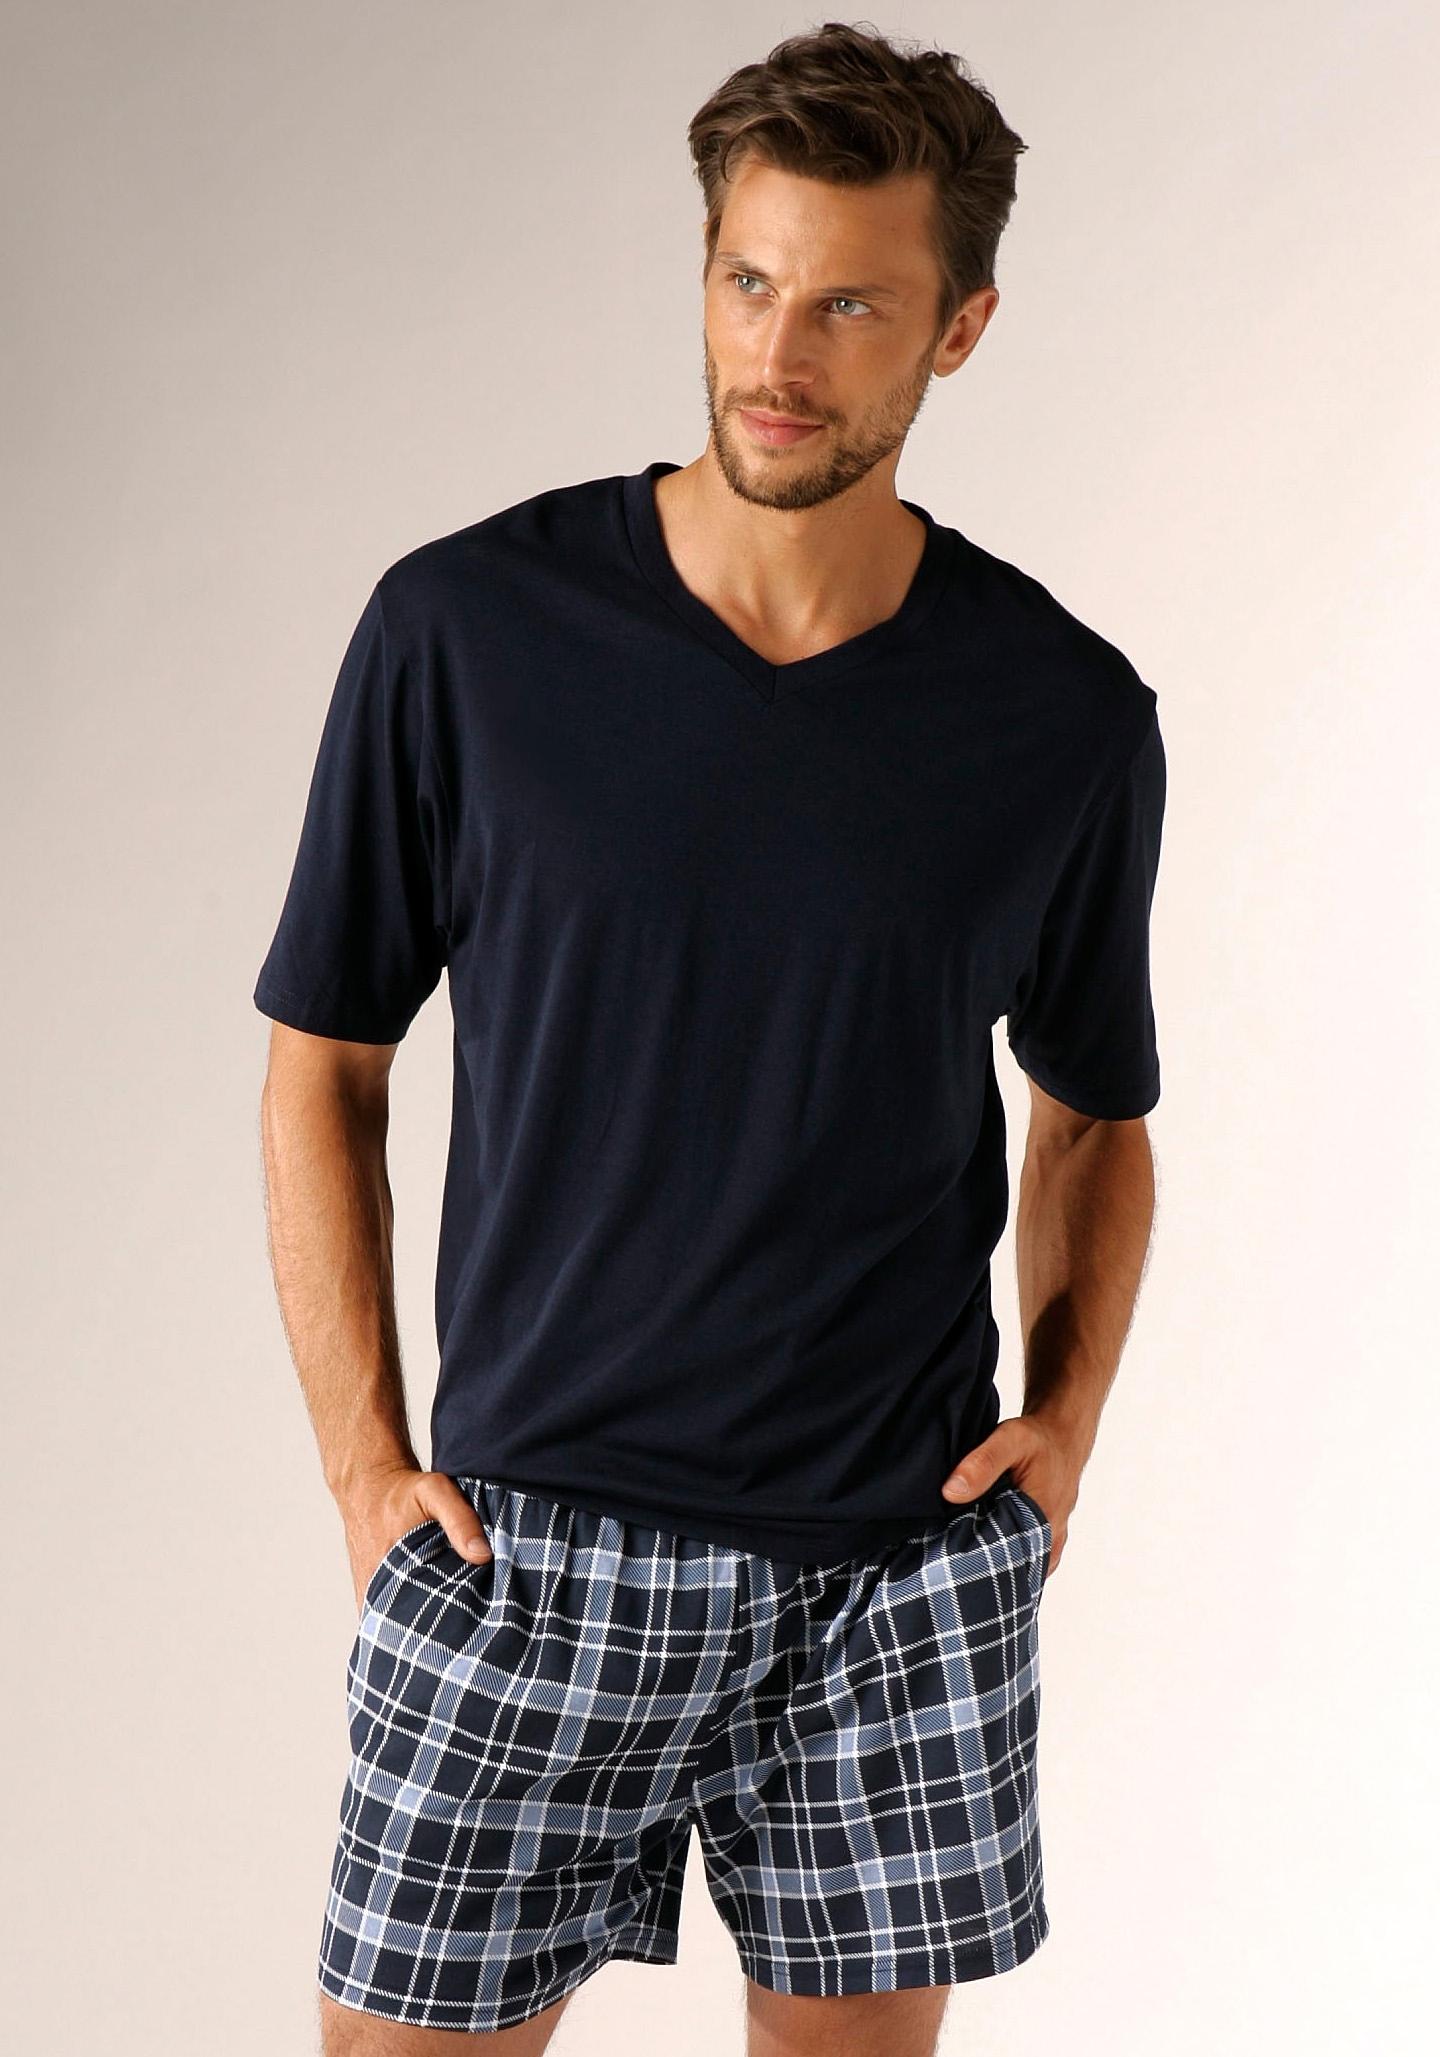 S.oliver Bodywear S.OLIVER shortama - gratis ruilen op lascana.nl